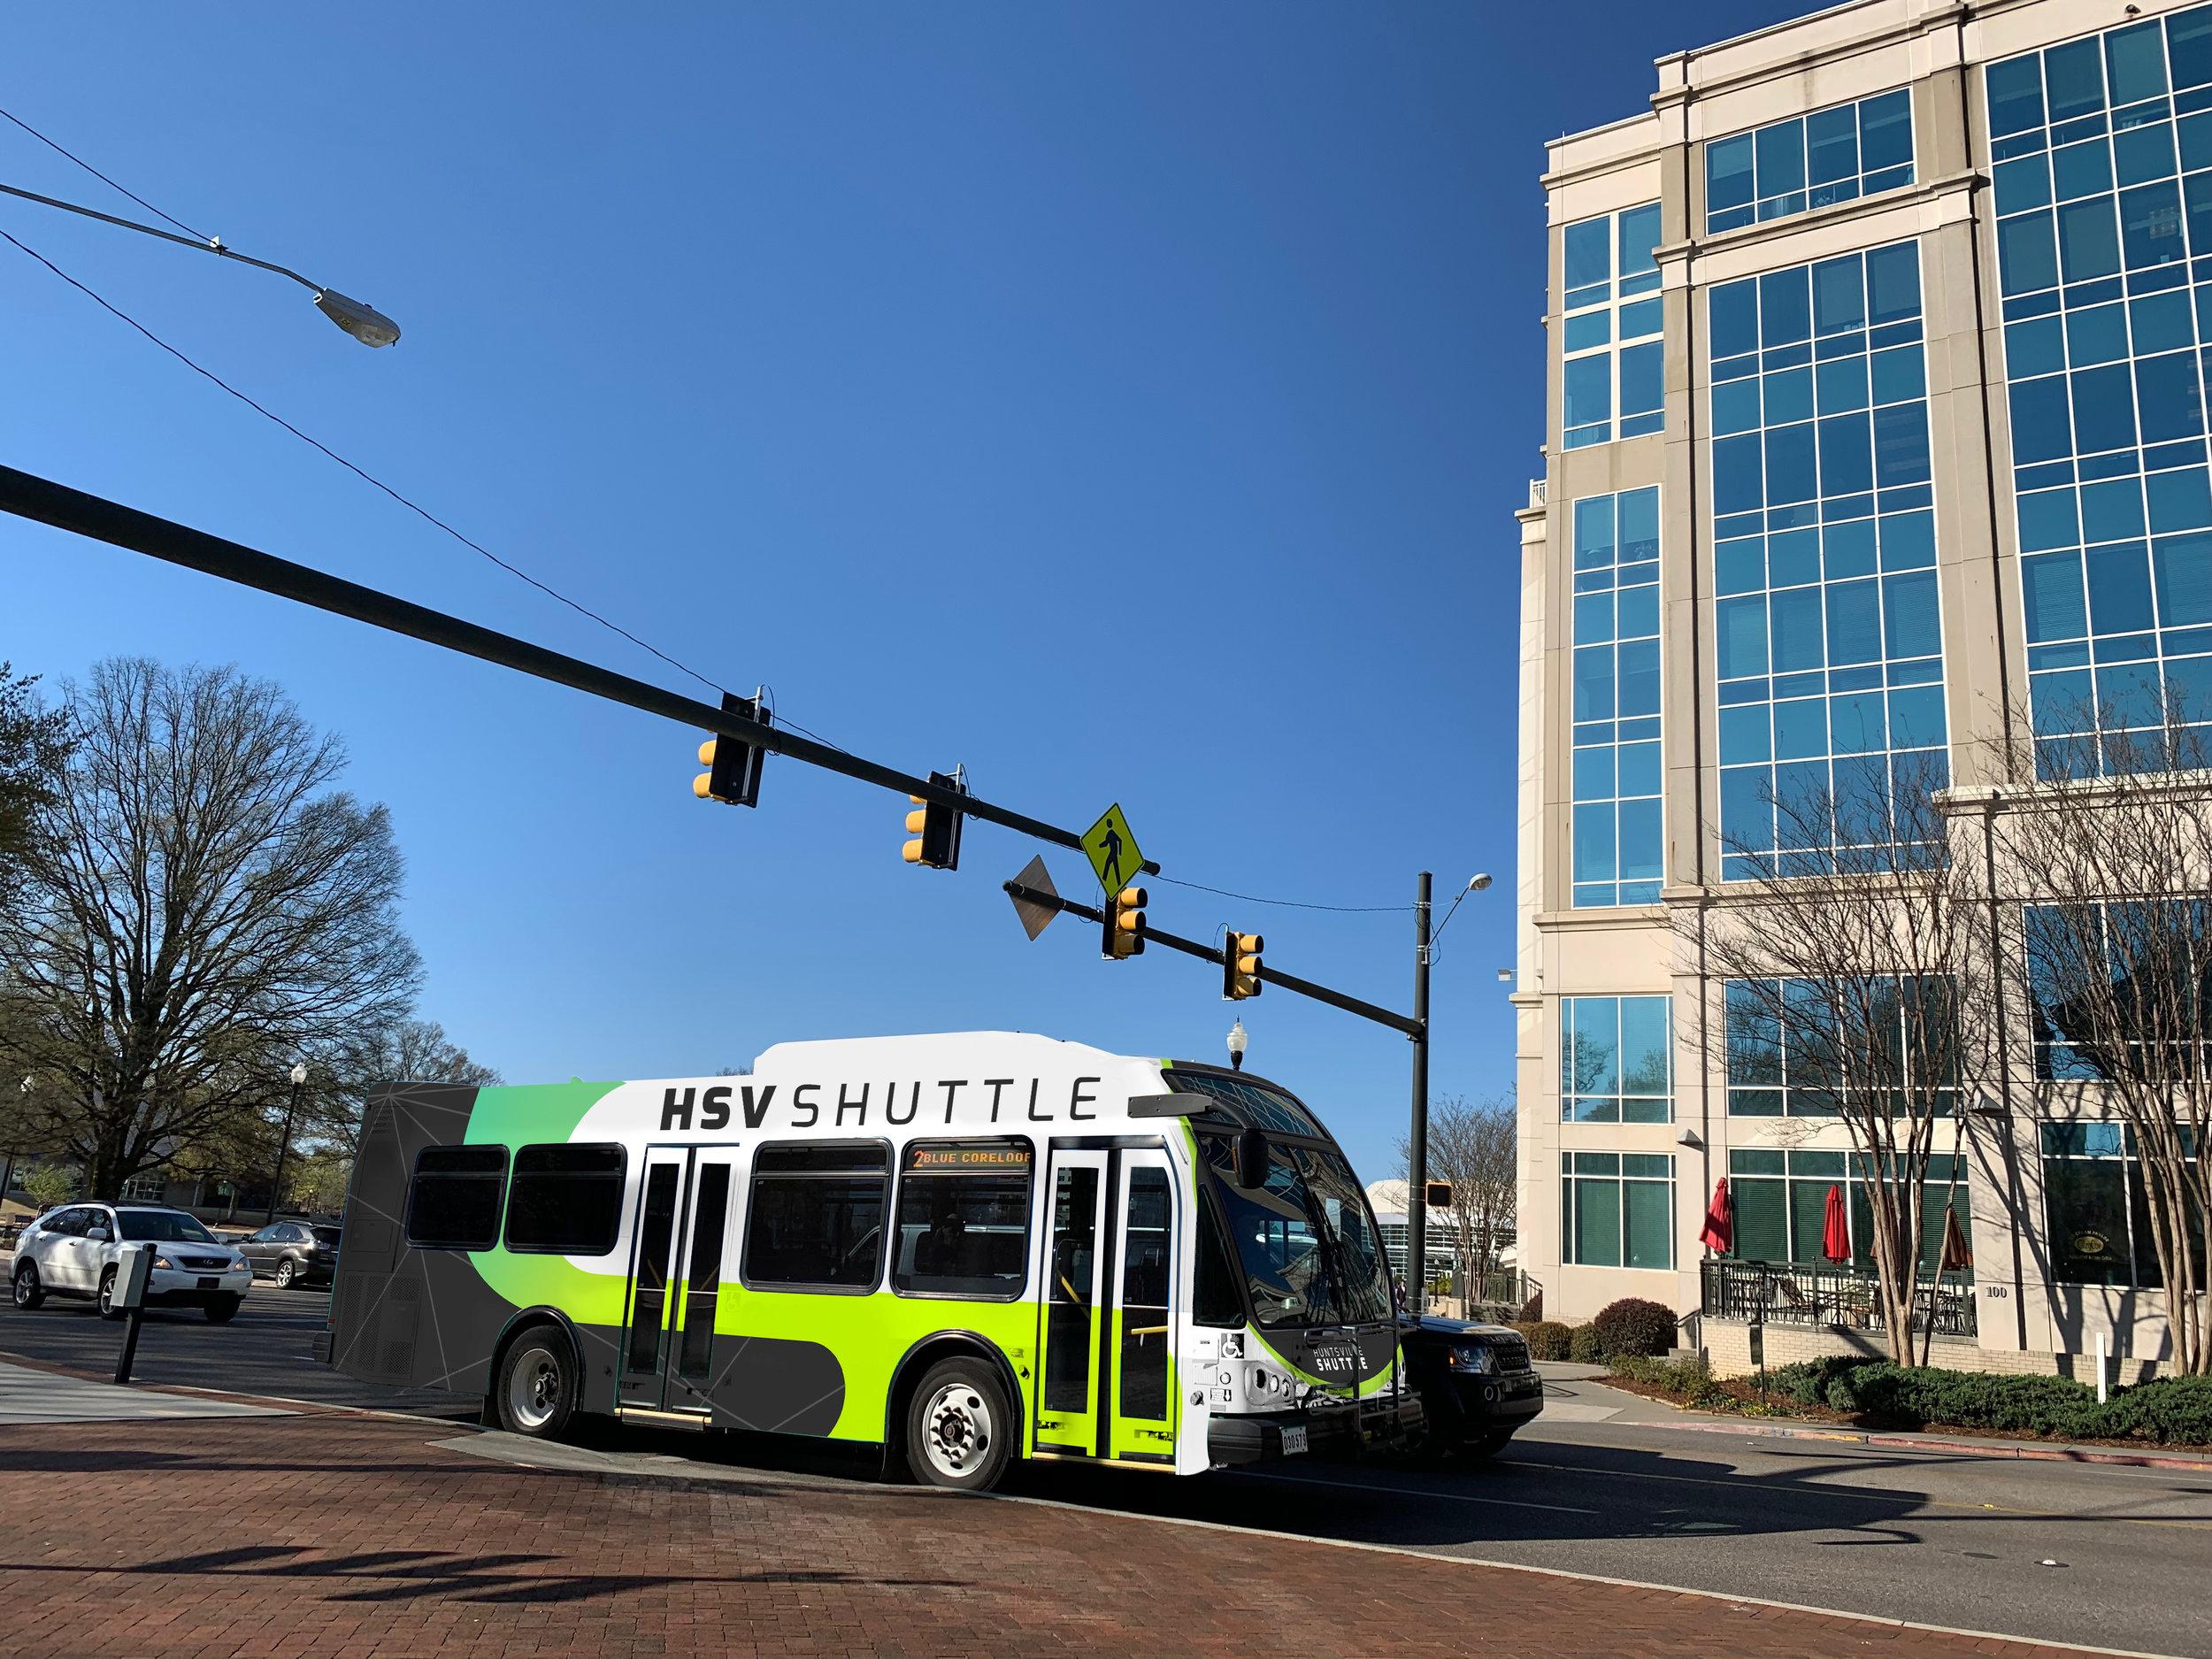 CityofHSV_PublicTransit_Rebrand_CONCEPT1_Shuttle_R1-v4-mockup.jpg